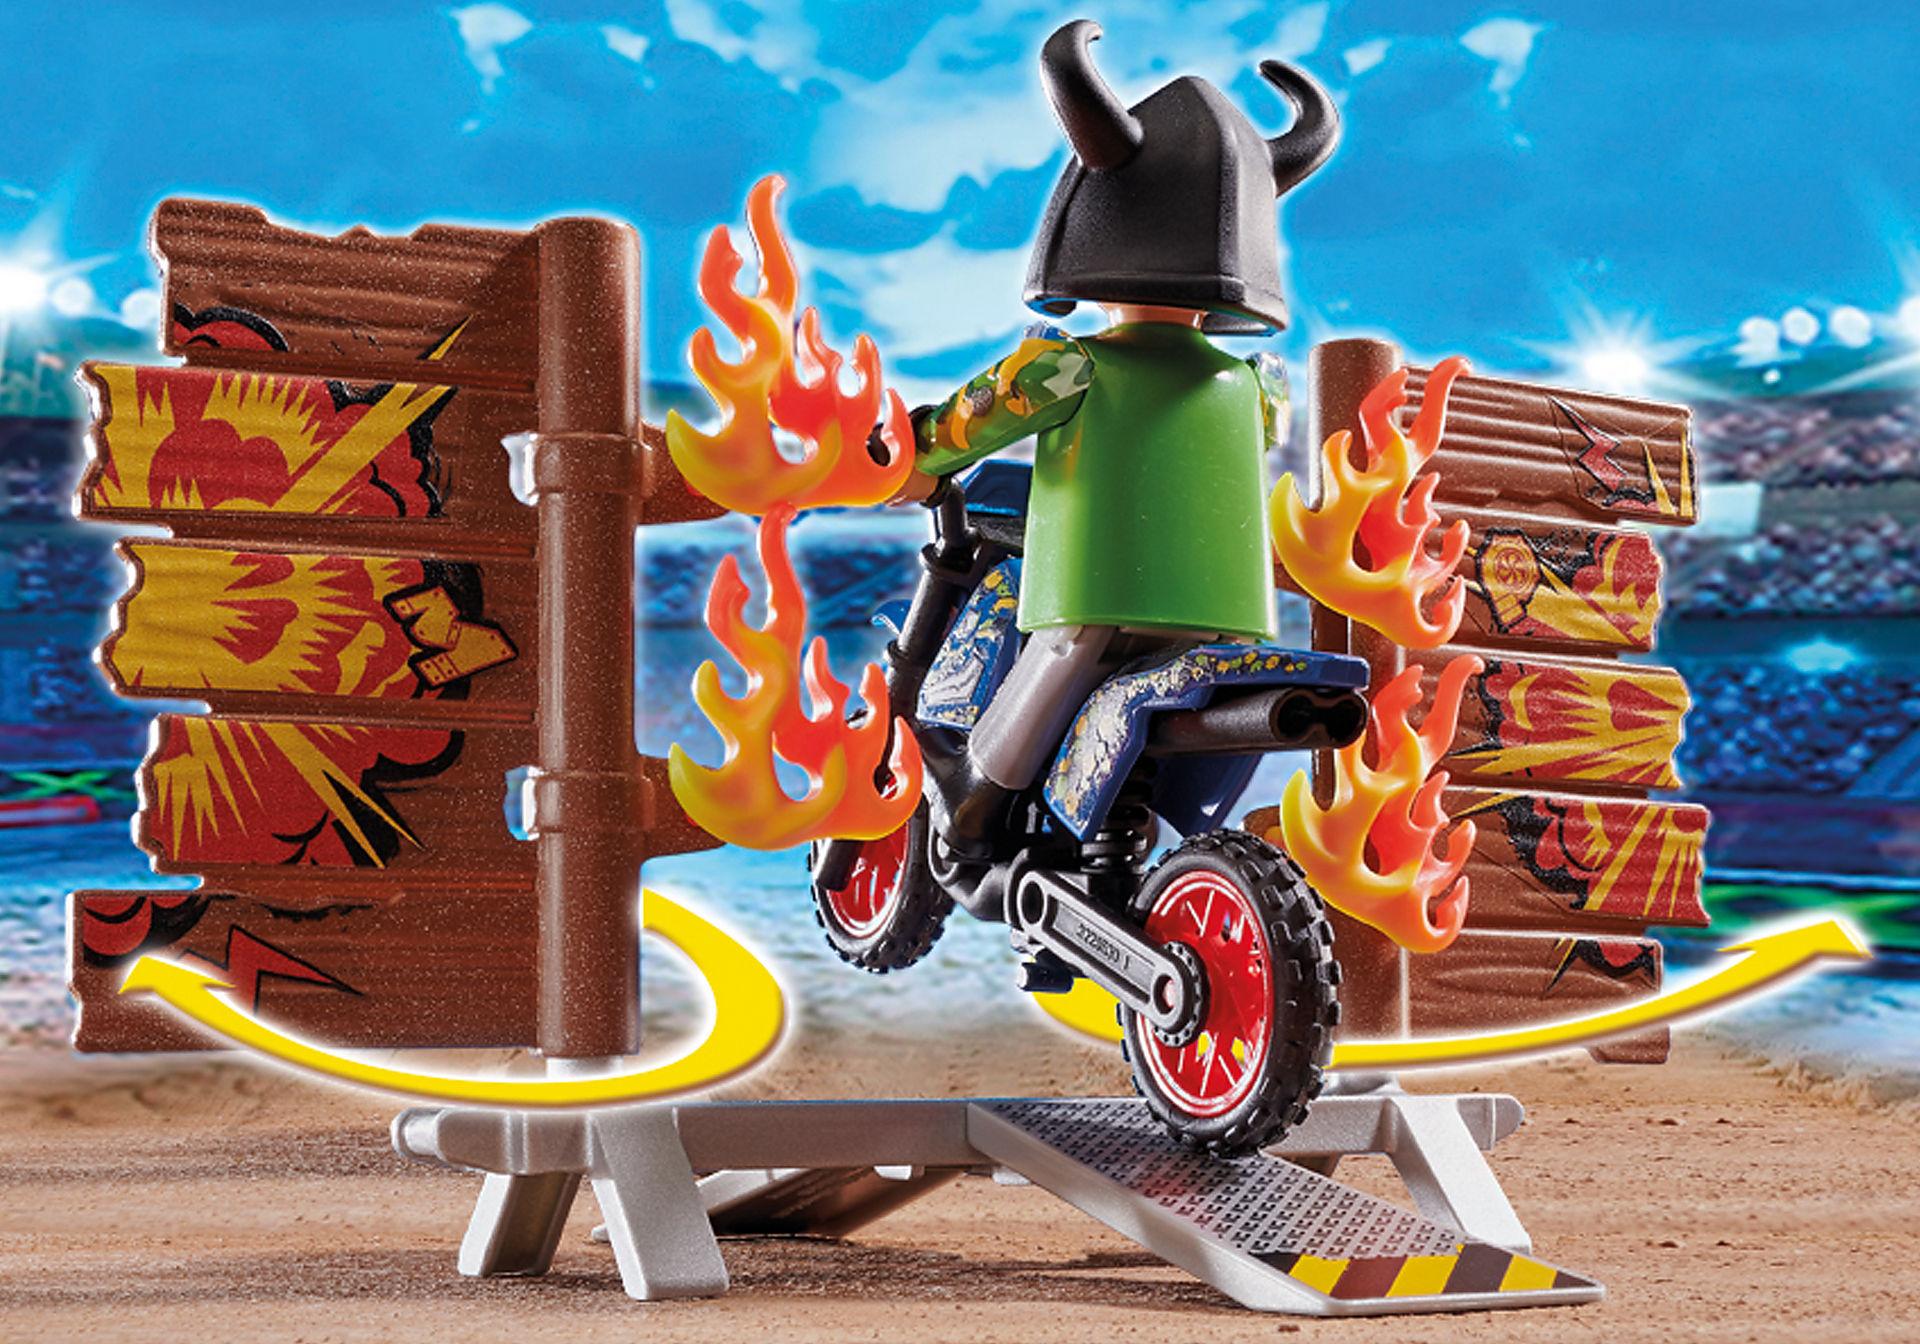 70553 Stuntshow Moto com parede de fogo zoom image4